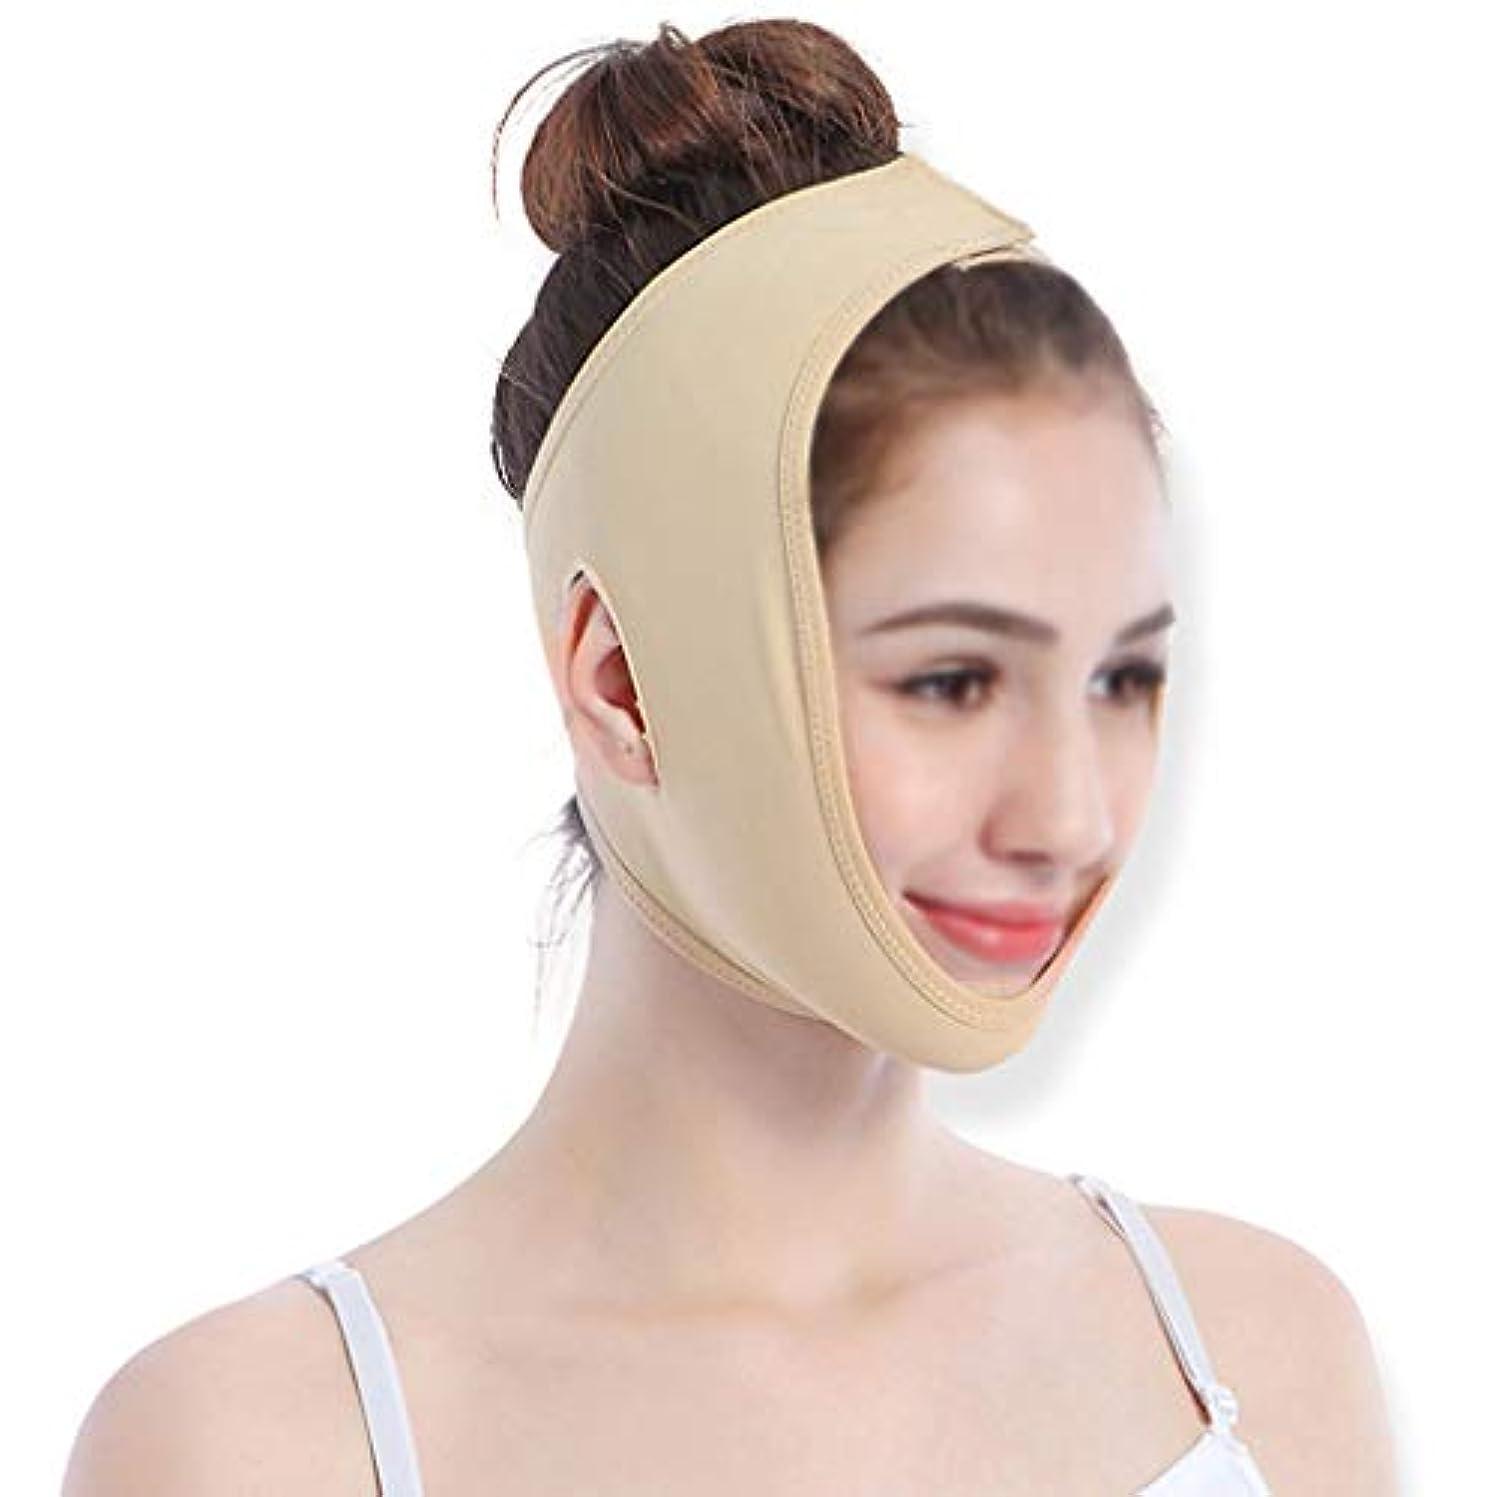 リマーク補足失効GLJJQMY スリムな包帯V顔の顔のアーティファクトは、女性と女性のための繊細な顔のしわ防止フェイシャルツールを向上させます 顔用整形マスク (Size : M)